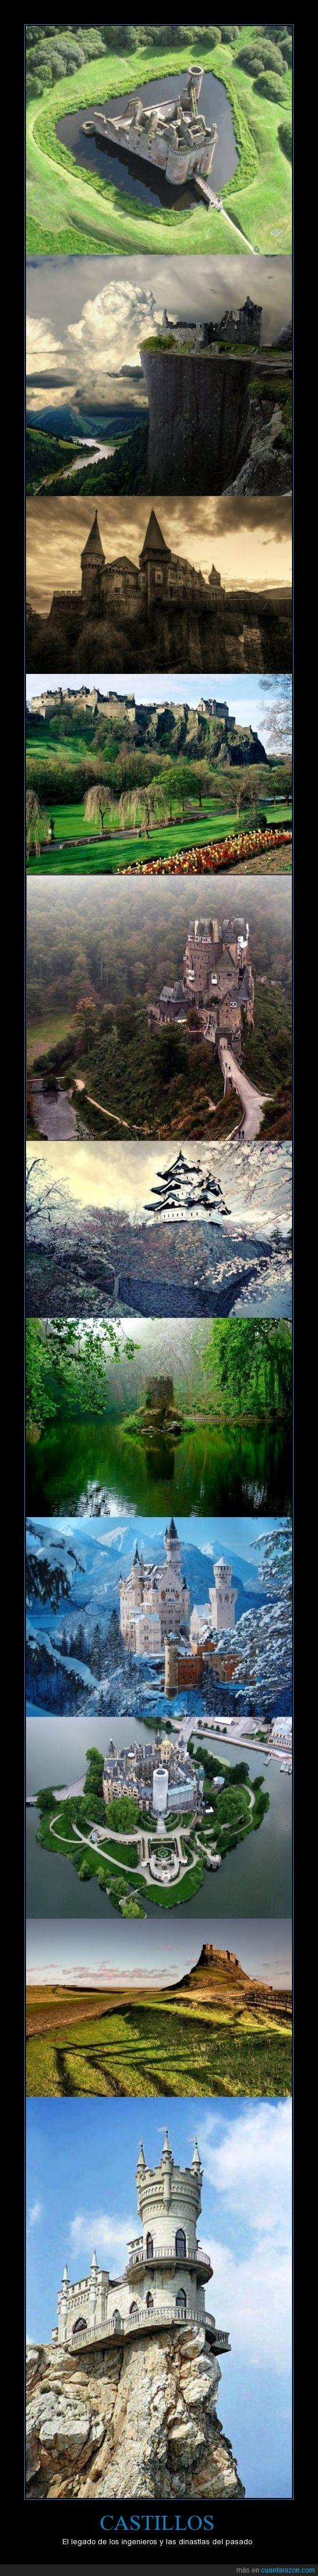 castillo,construccion,magia,miedo,reyes,rocas